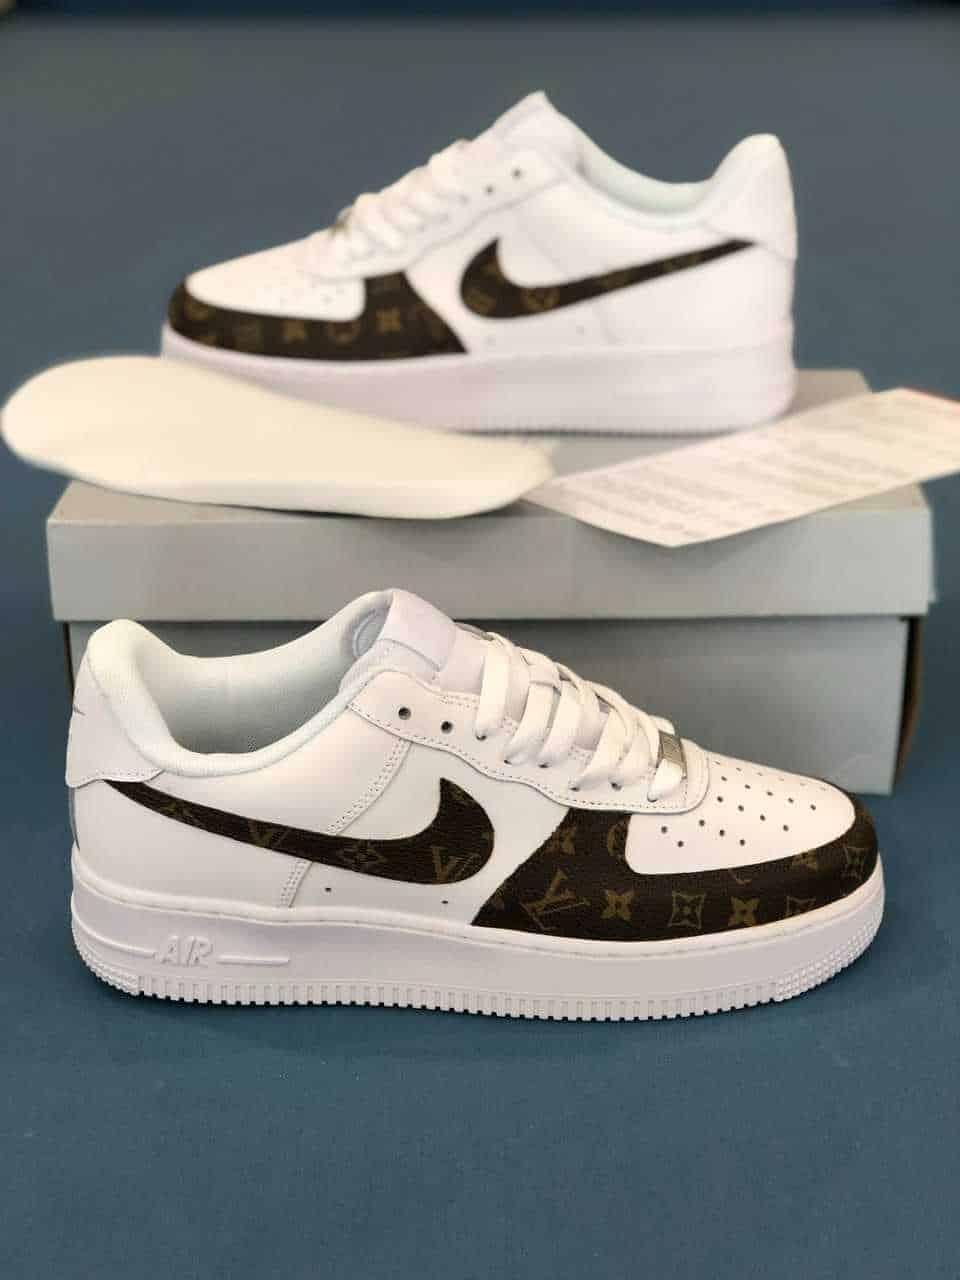 Btsneaker.vn là địa chỉ chuyên bán các sản phẩm giày Sneaker uy tín, chất lượng với giá ưu đãi